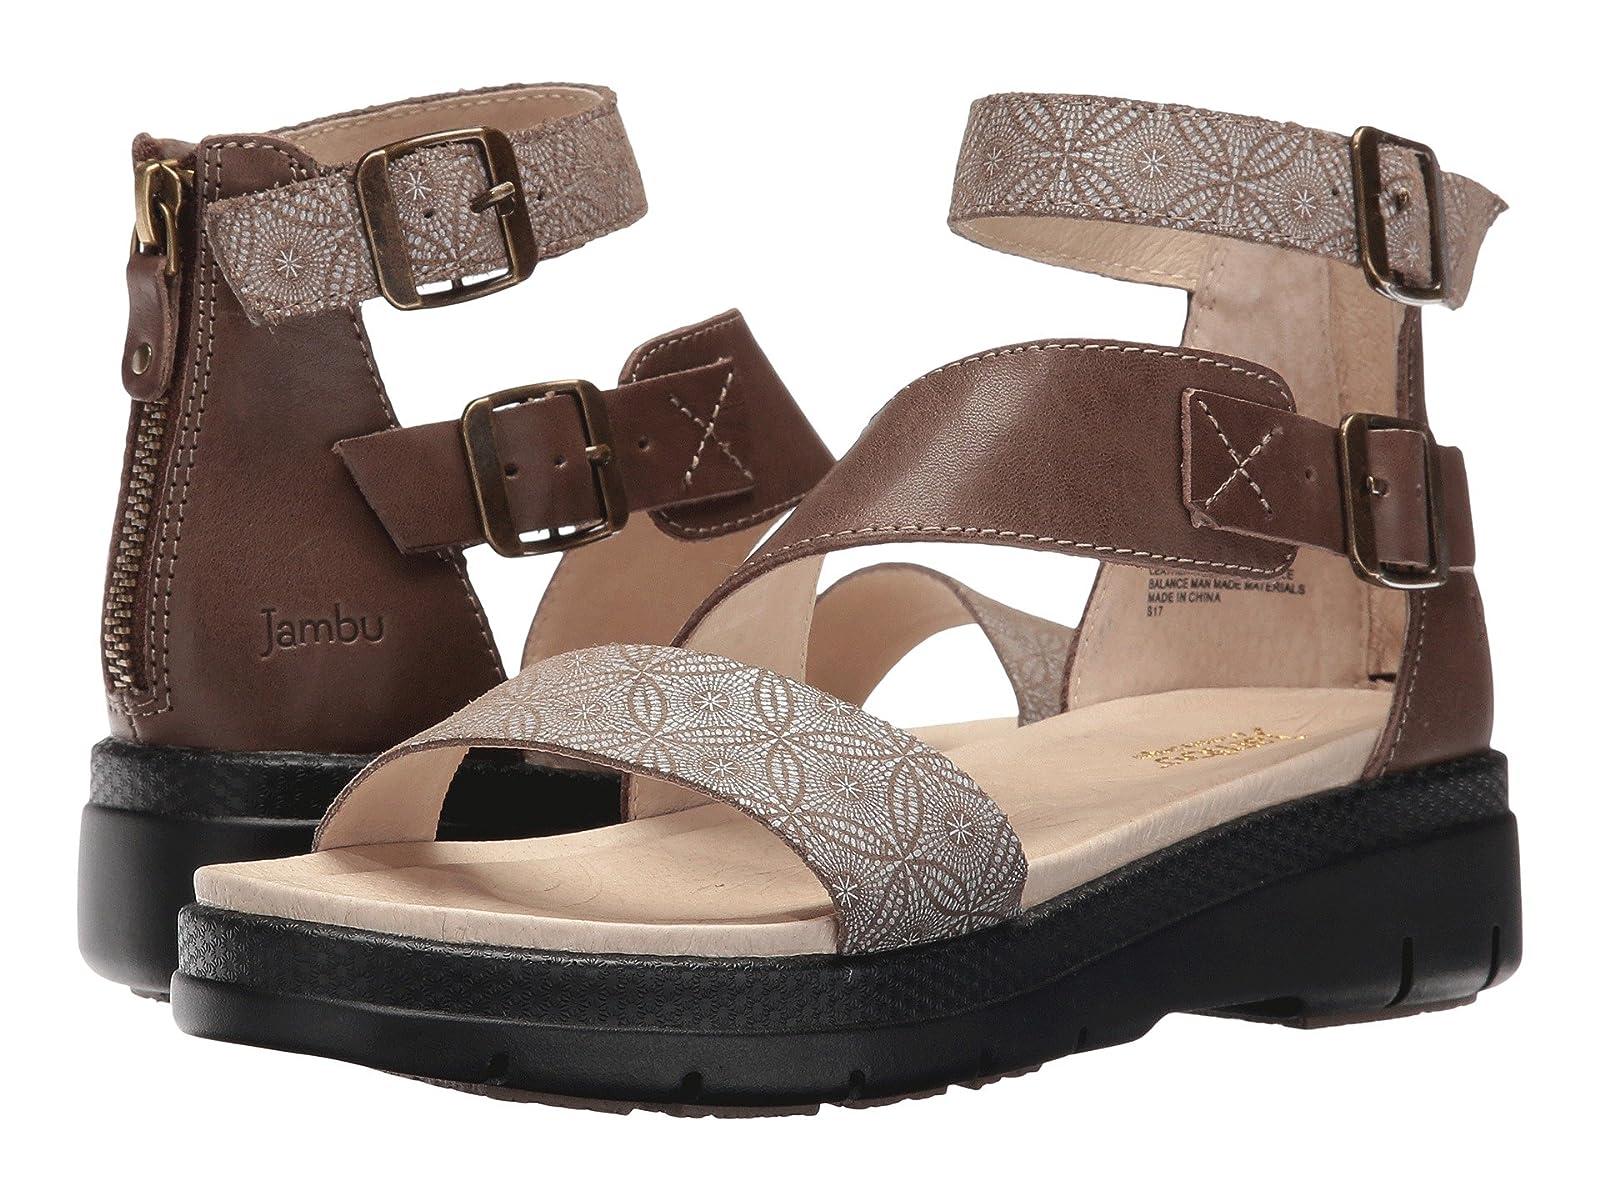 Jambu Cape MayCheap and distinctive eye-catching shoes